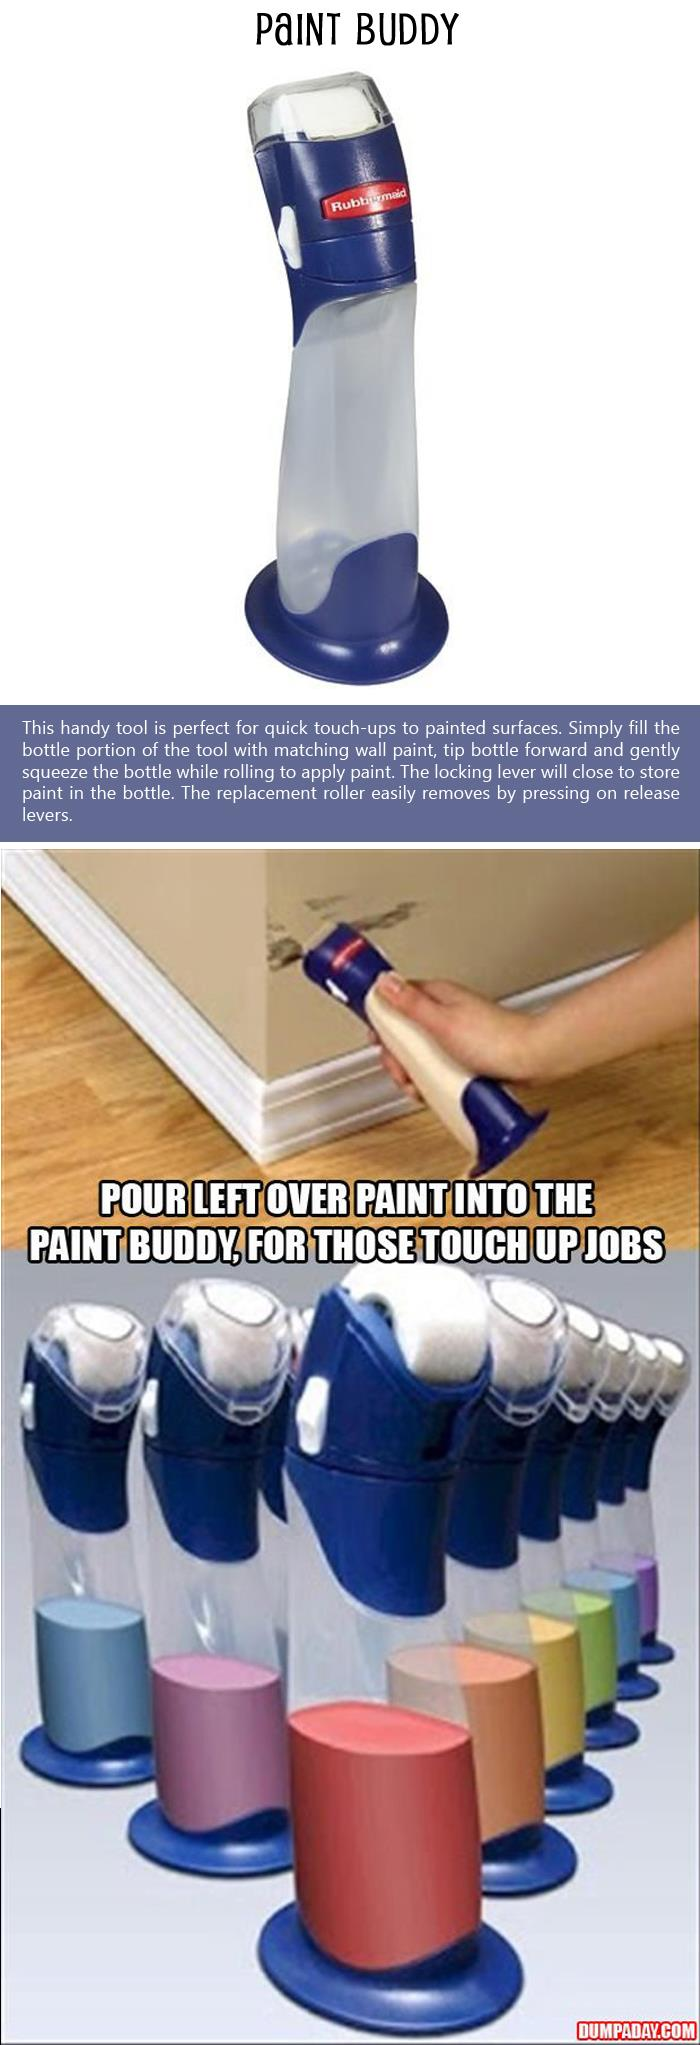 Paint Buddy